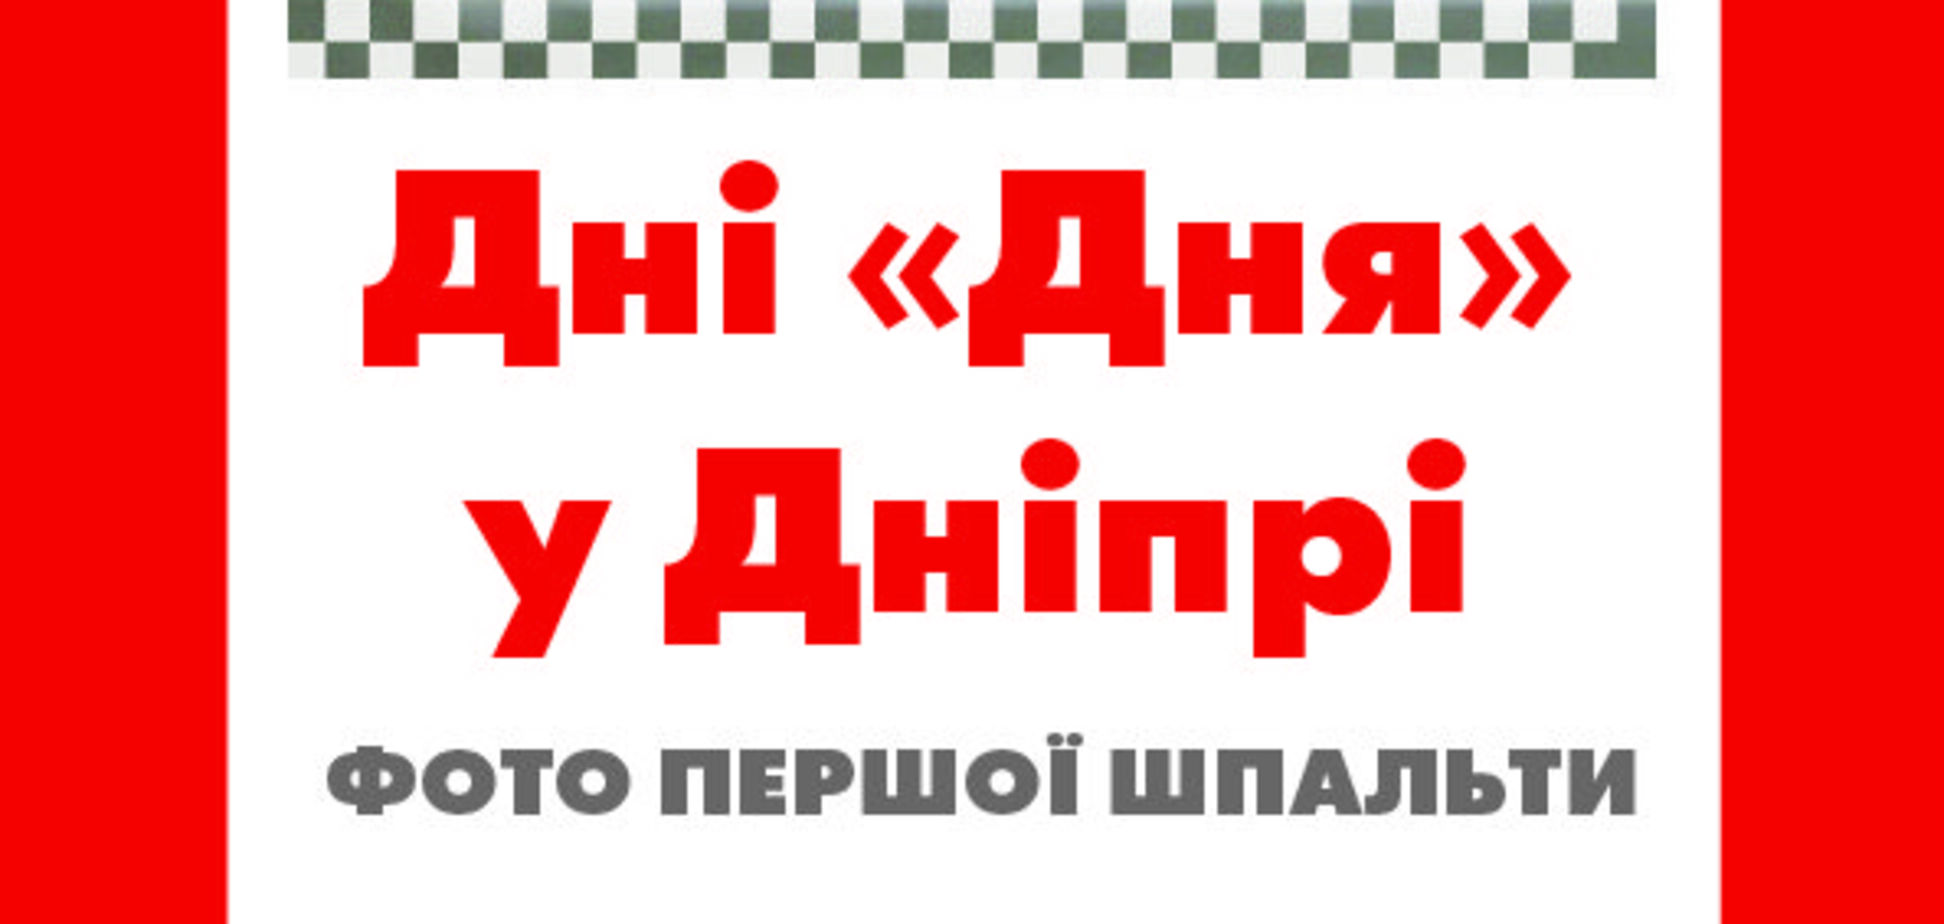 21 лютого у Дніпрі відкриється фотовиставка газети 'День'